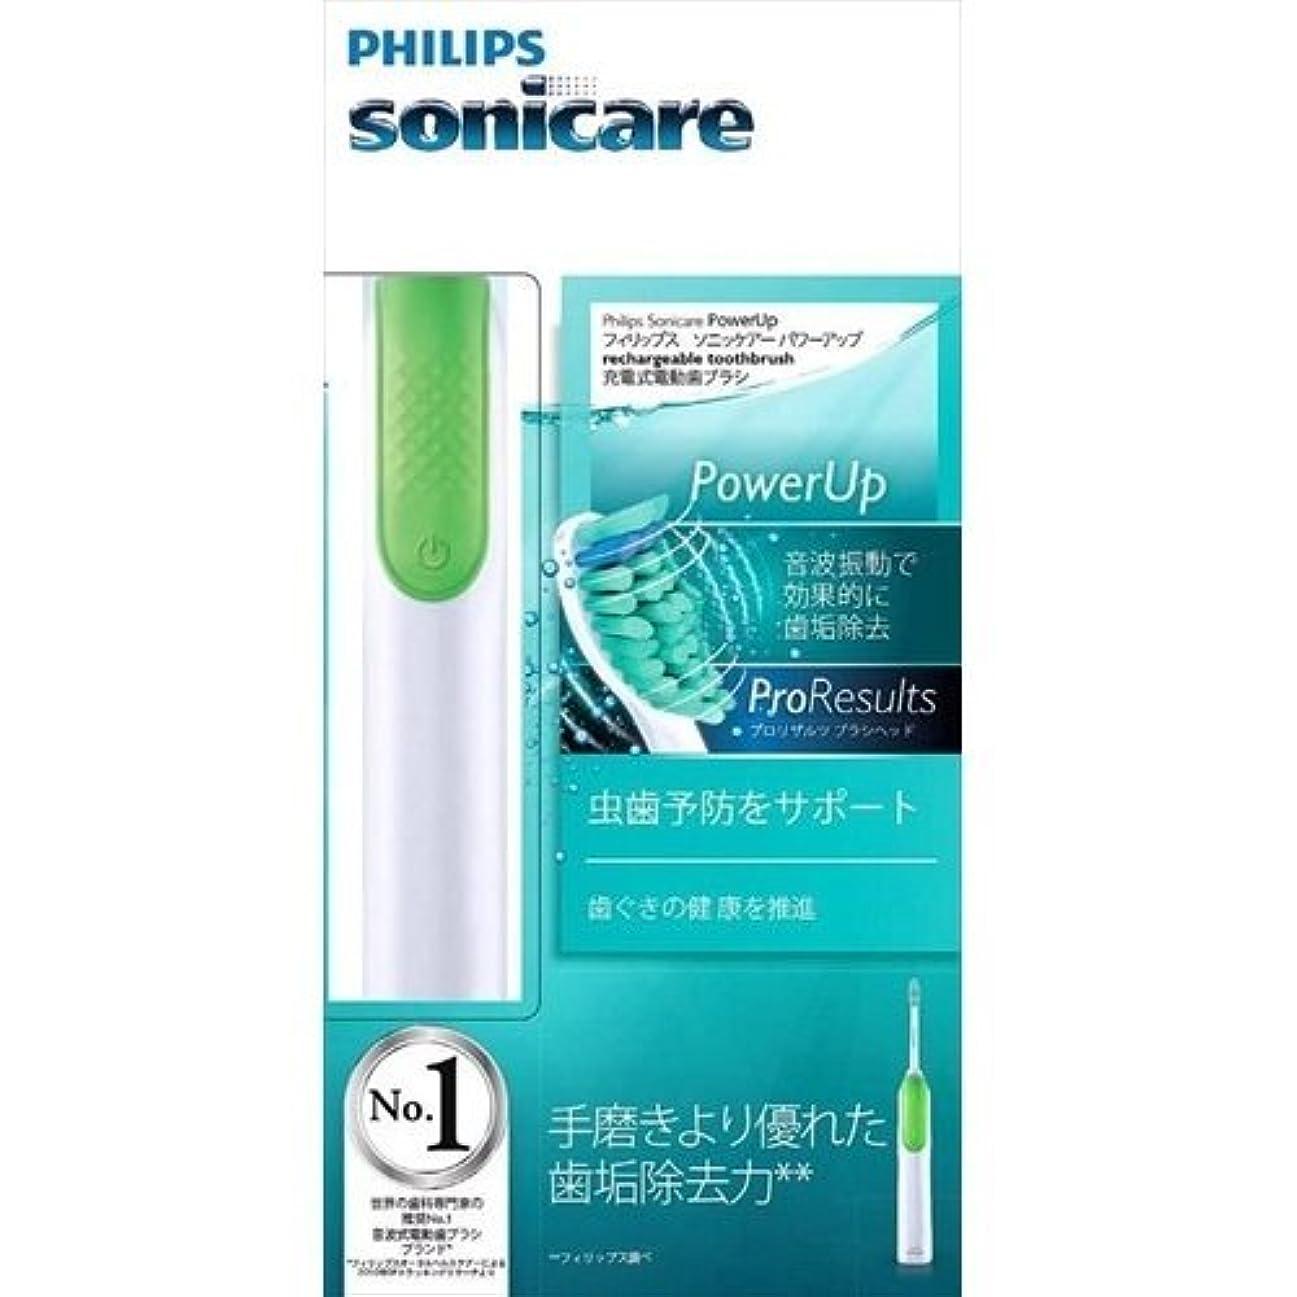 同等のラッドヤードキップリング不条理PHILIPS Sonicare(ソニッケアー)パワーアップ音波式電動歯ブラシ HX3110